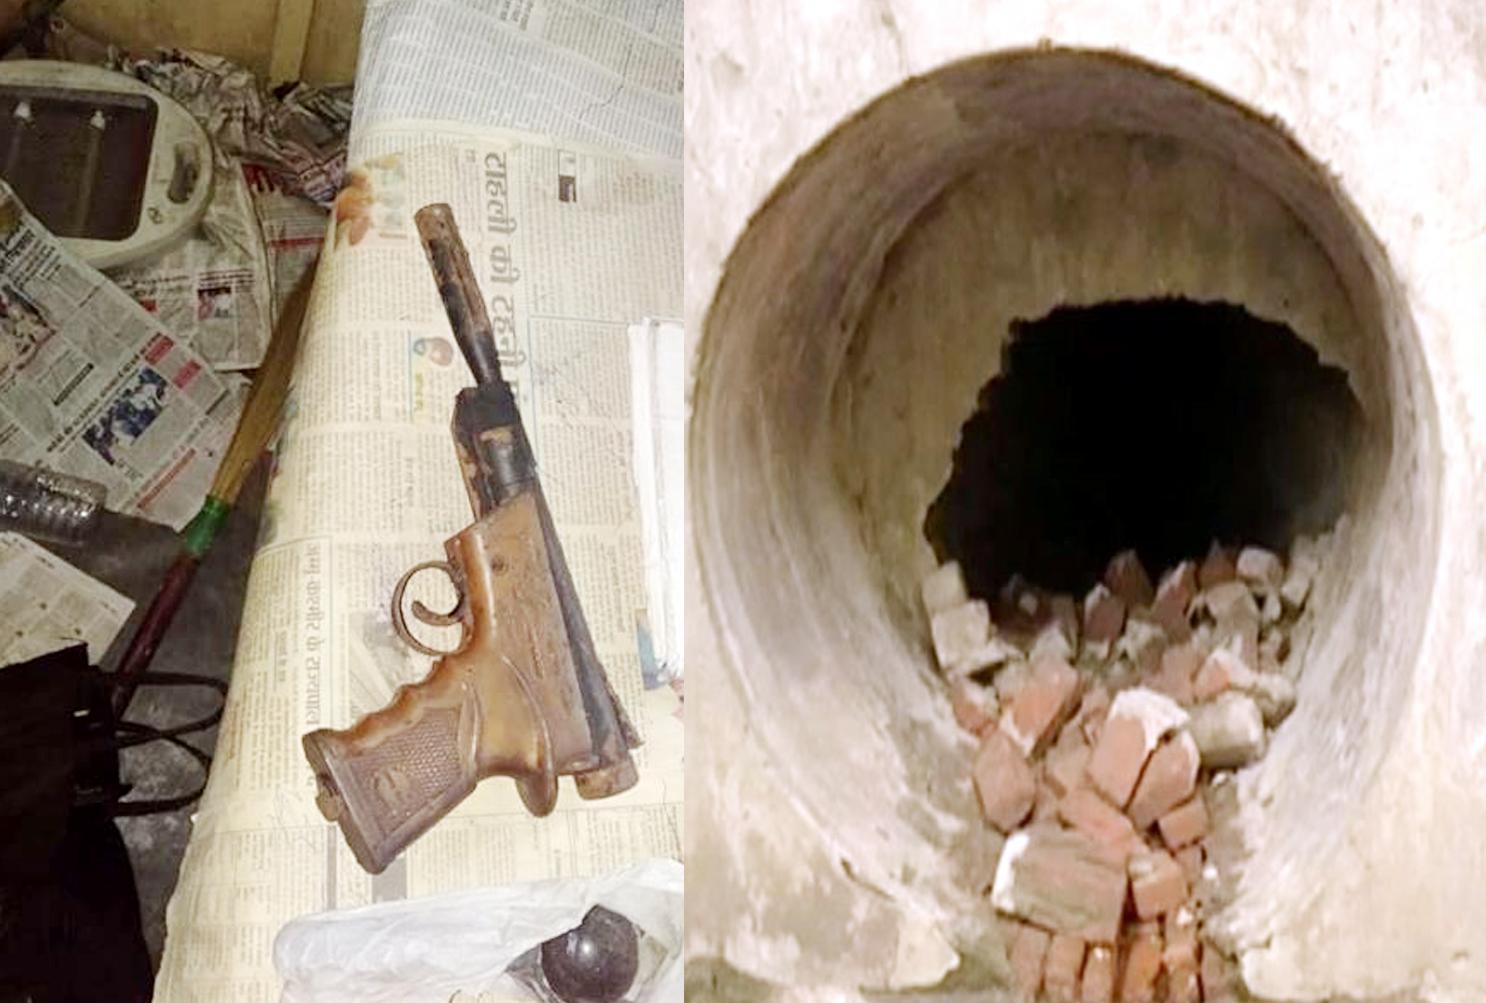 PHOTOS: शहर के अंदर बंकर देख 'चंडीगढ़वाले हैरान', अंदर मिली छर्रे वाली गन और किताबें